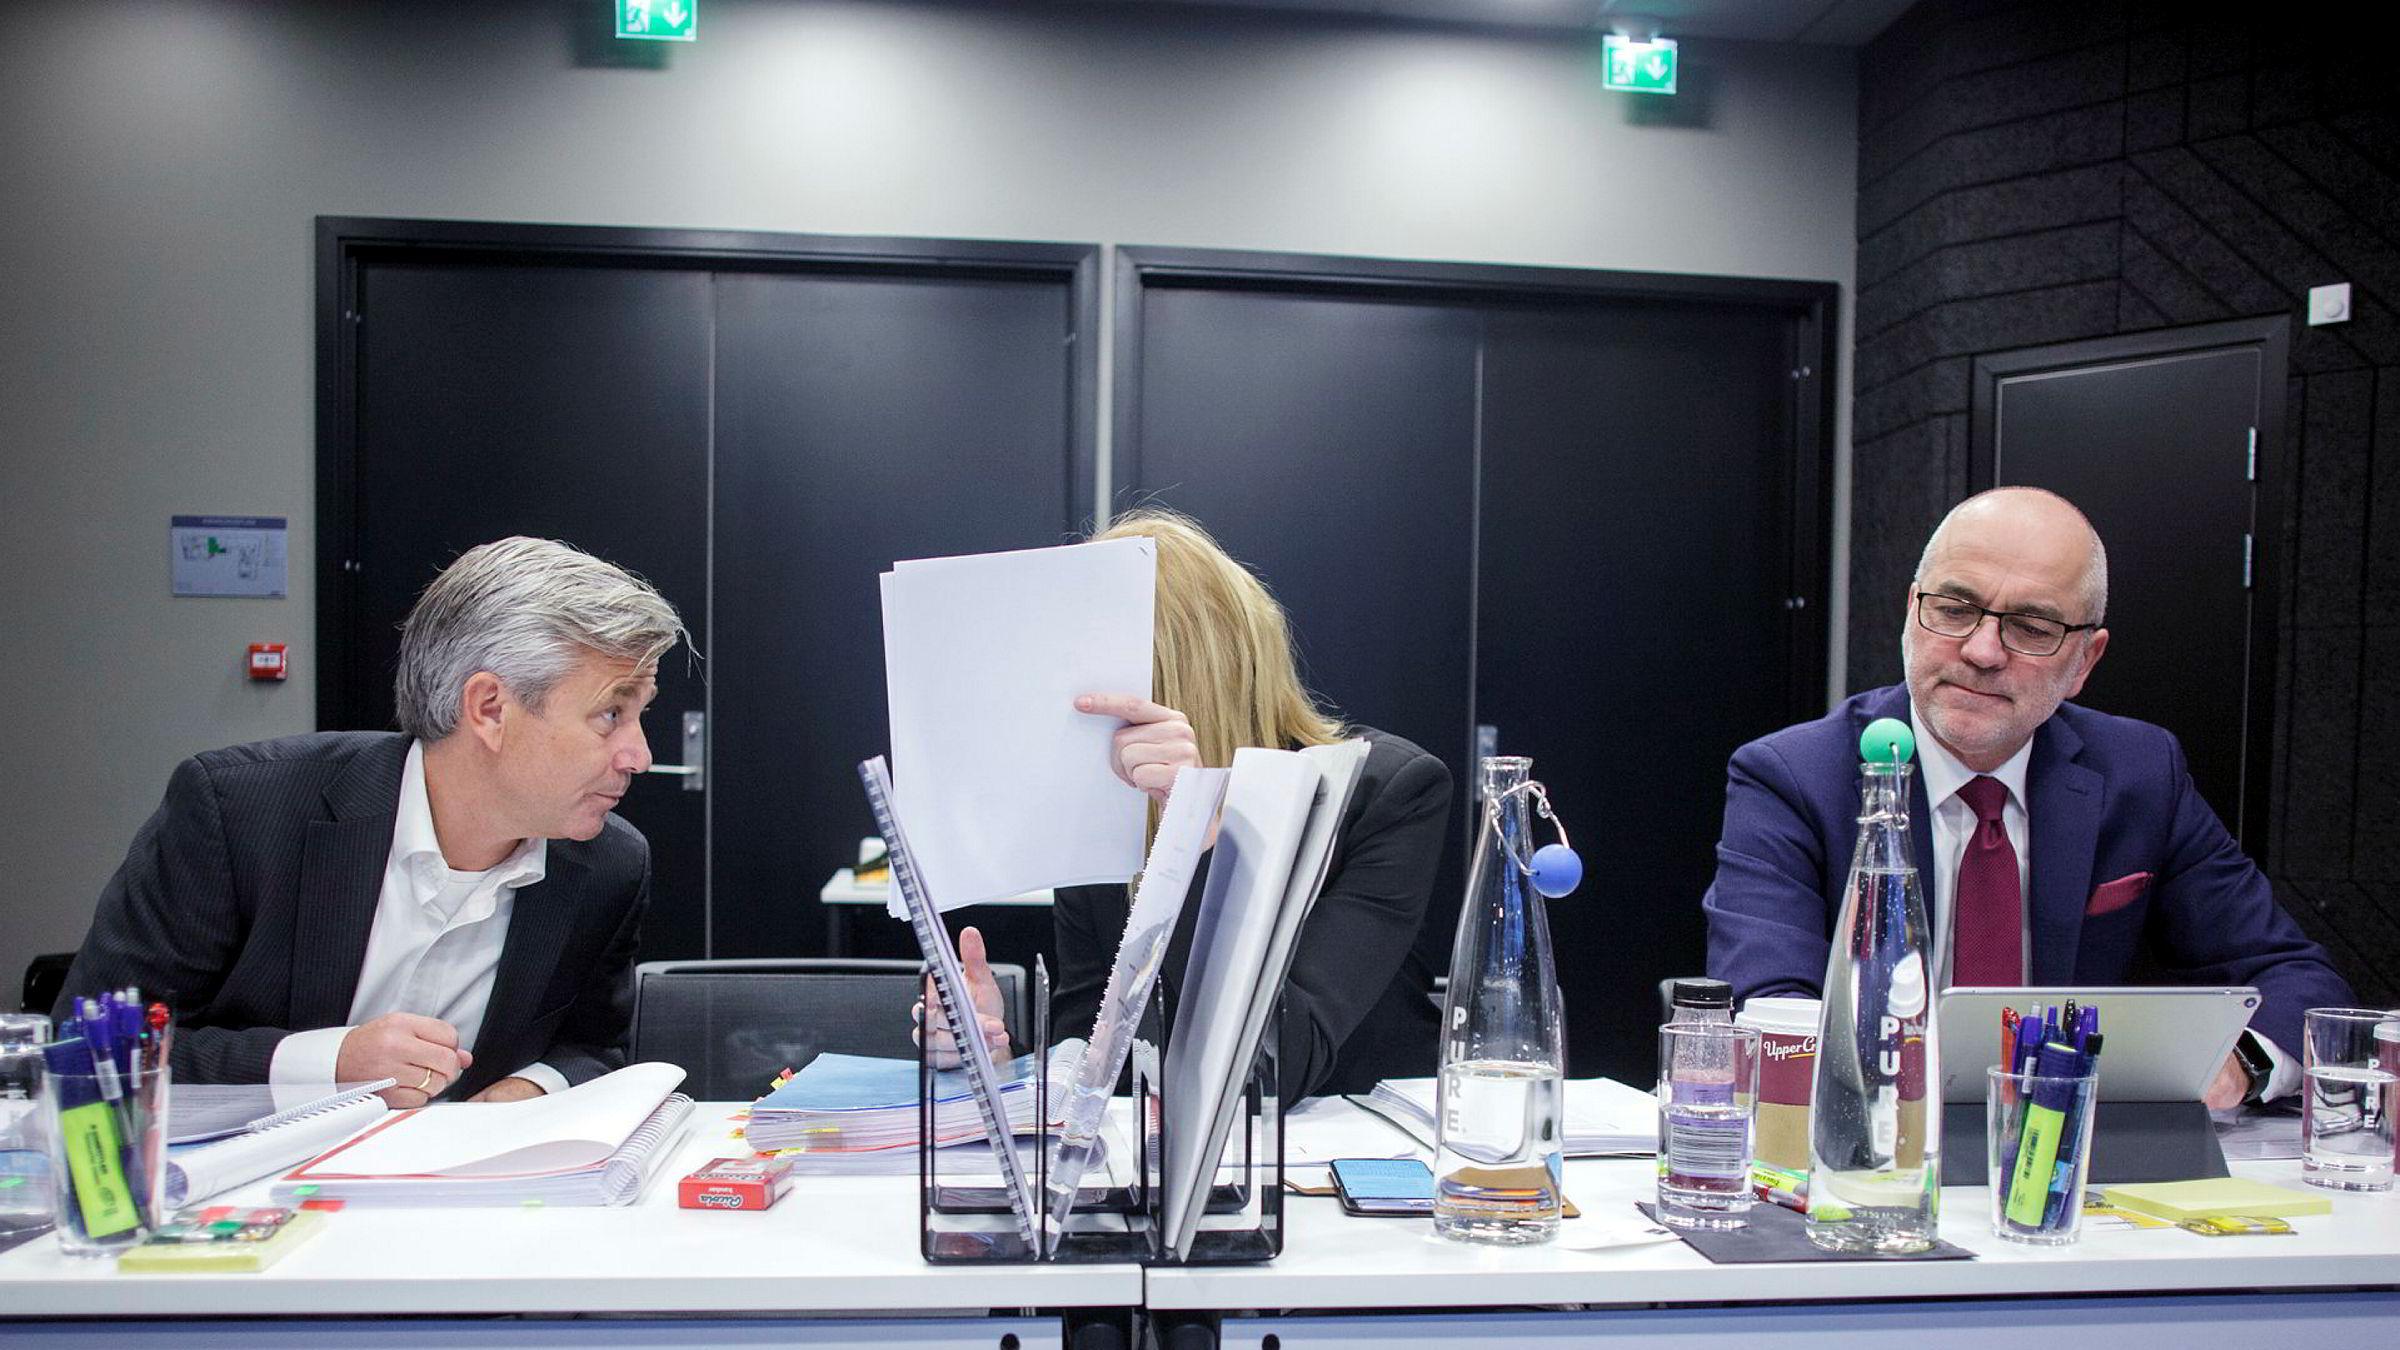 Gründer Nicolai Prydz (til venstre) i Hipdrivers konfererer med advokat Benedicte Langford i Bing Hodneland ved innledningen av voldgiftssaken tirsdag. Til høyre advokat John S. Gulbrandsen i Bing Hodneland.